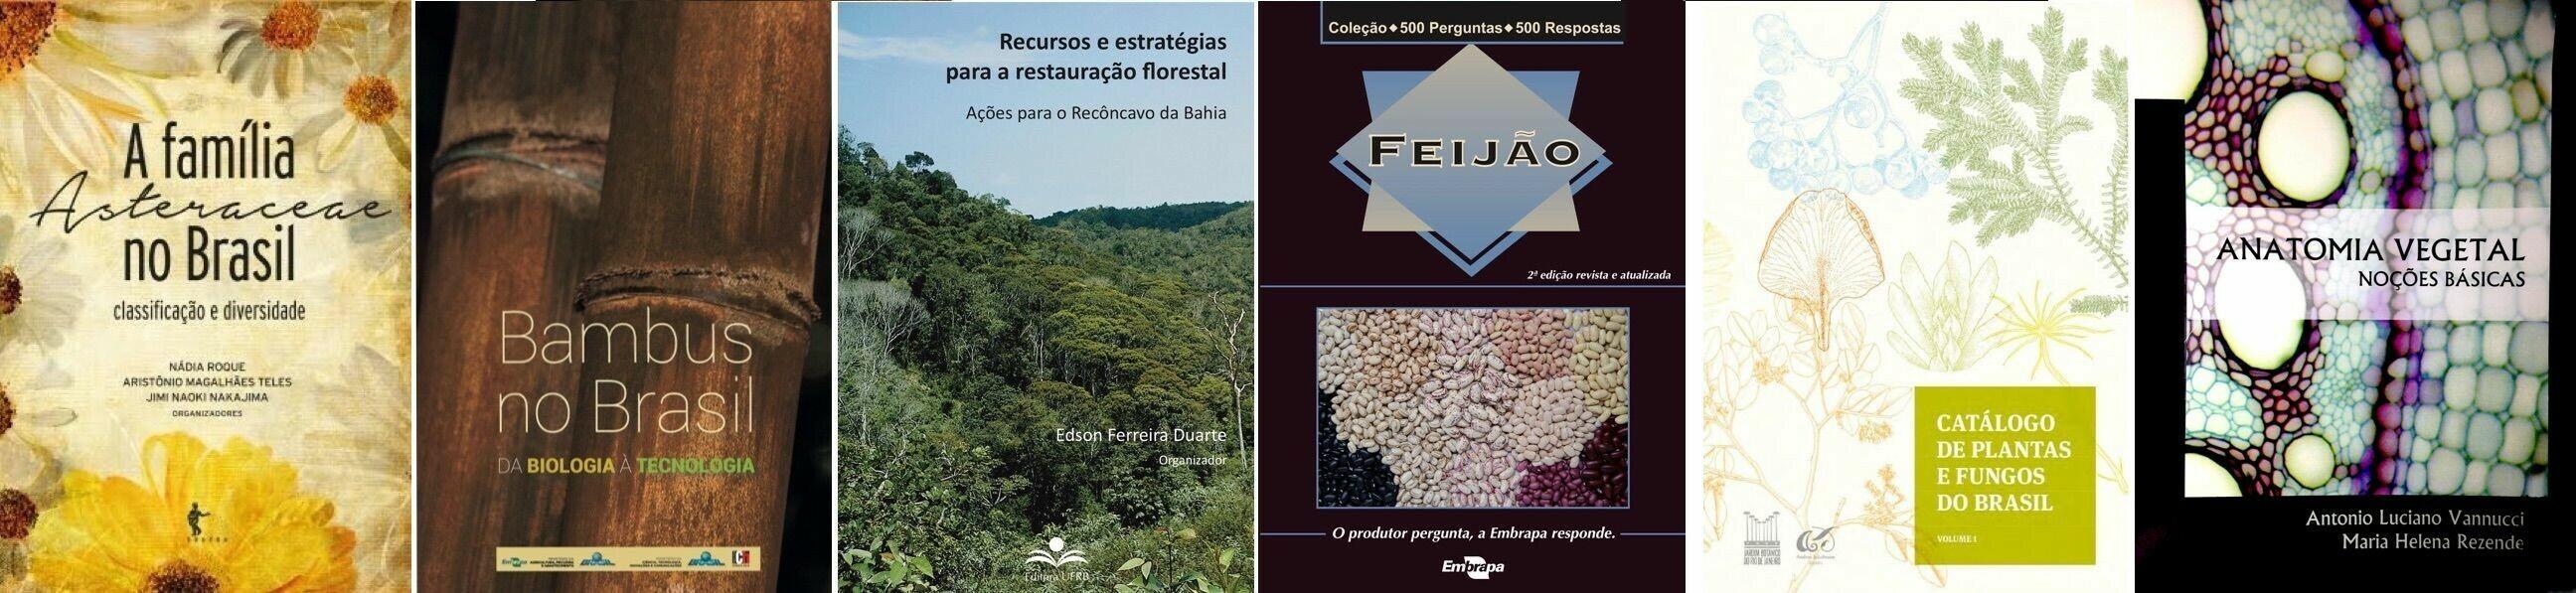 Livros Publicados com a participação de professores do DBOT/ICB/UFG